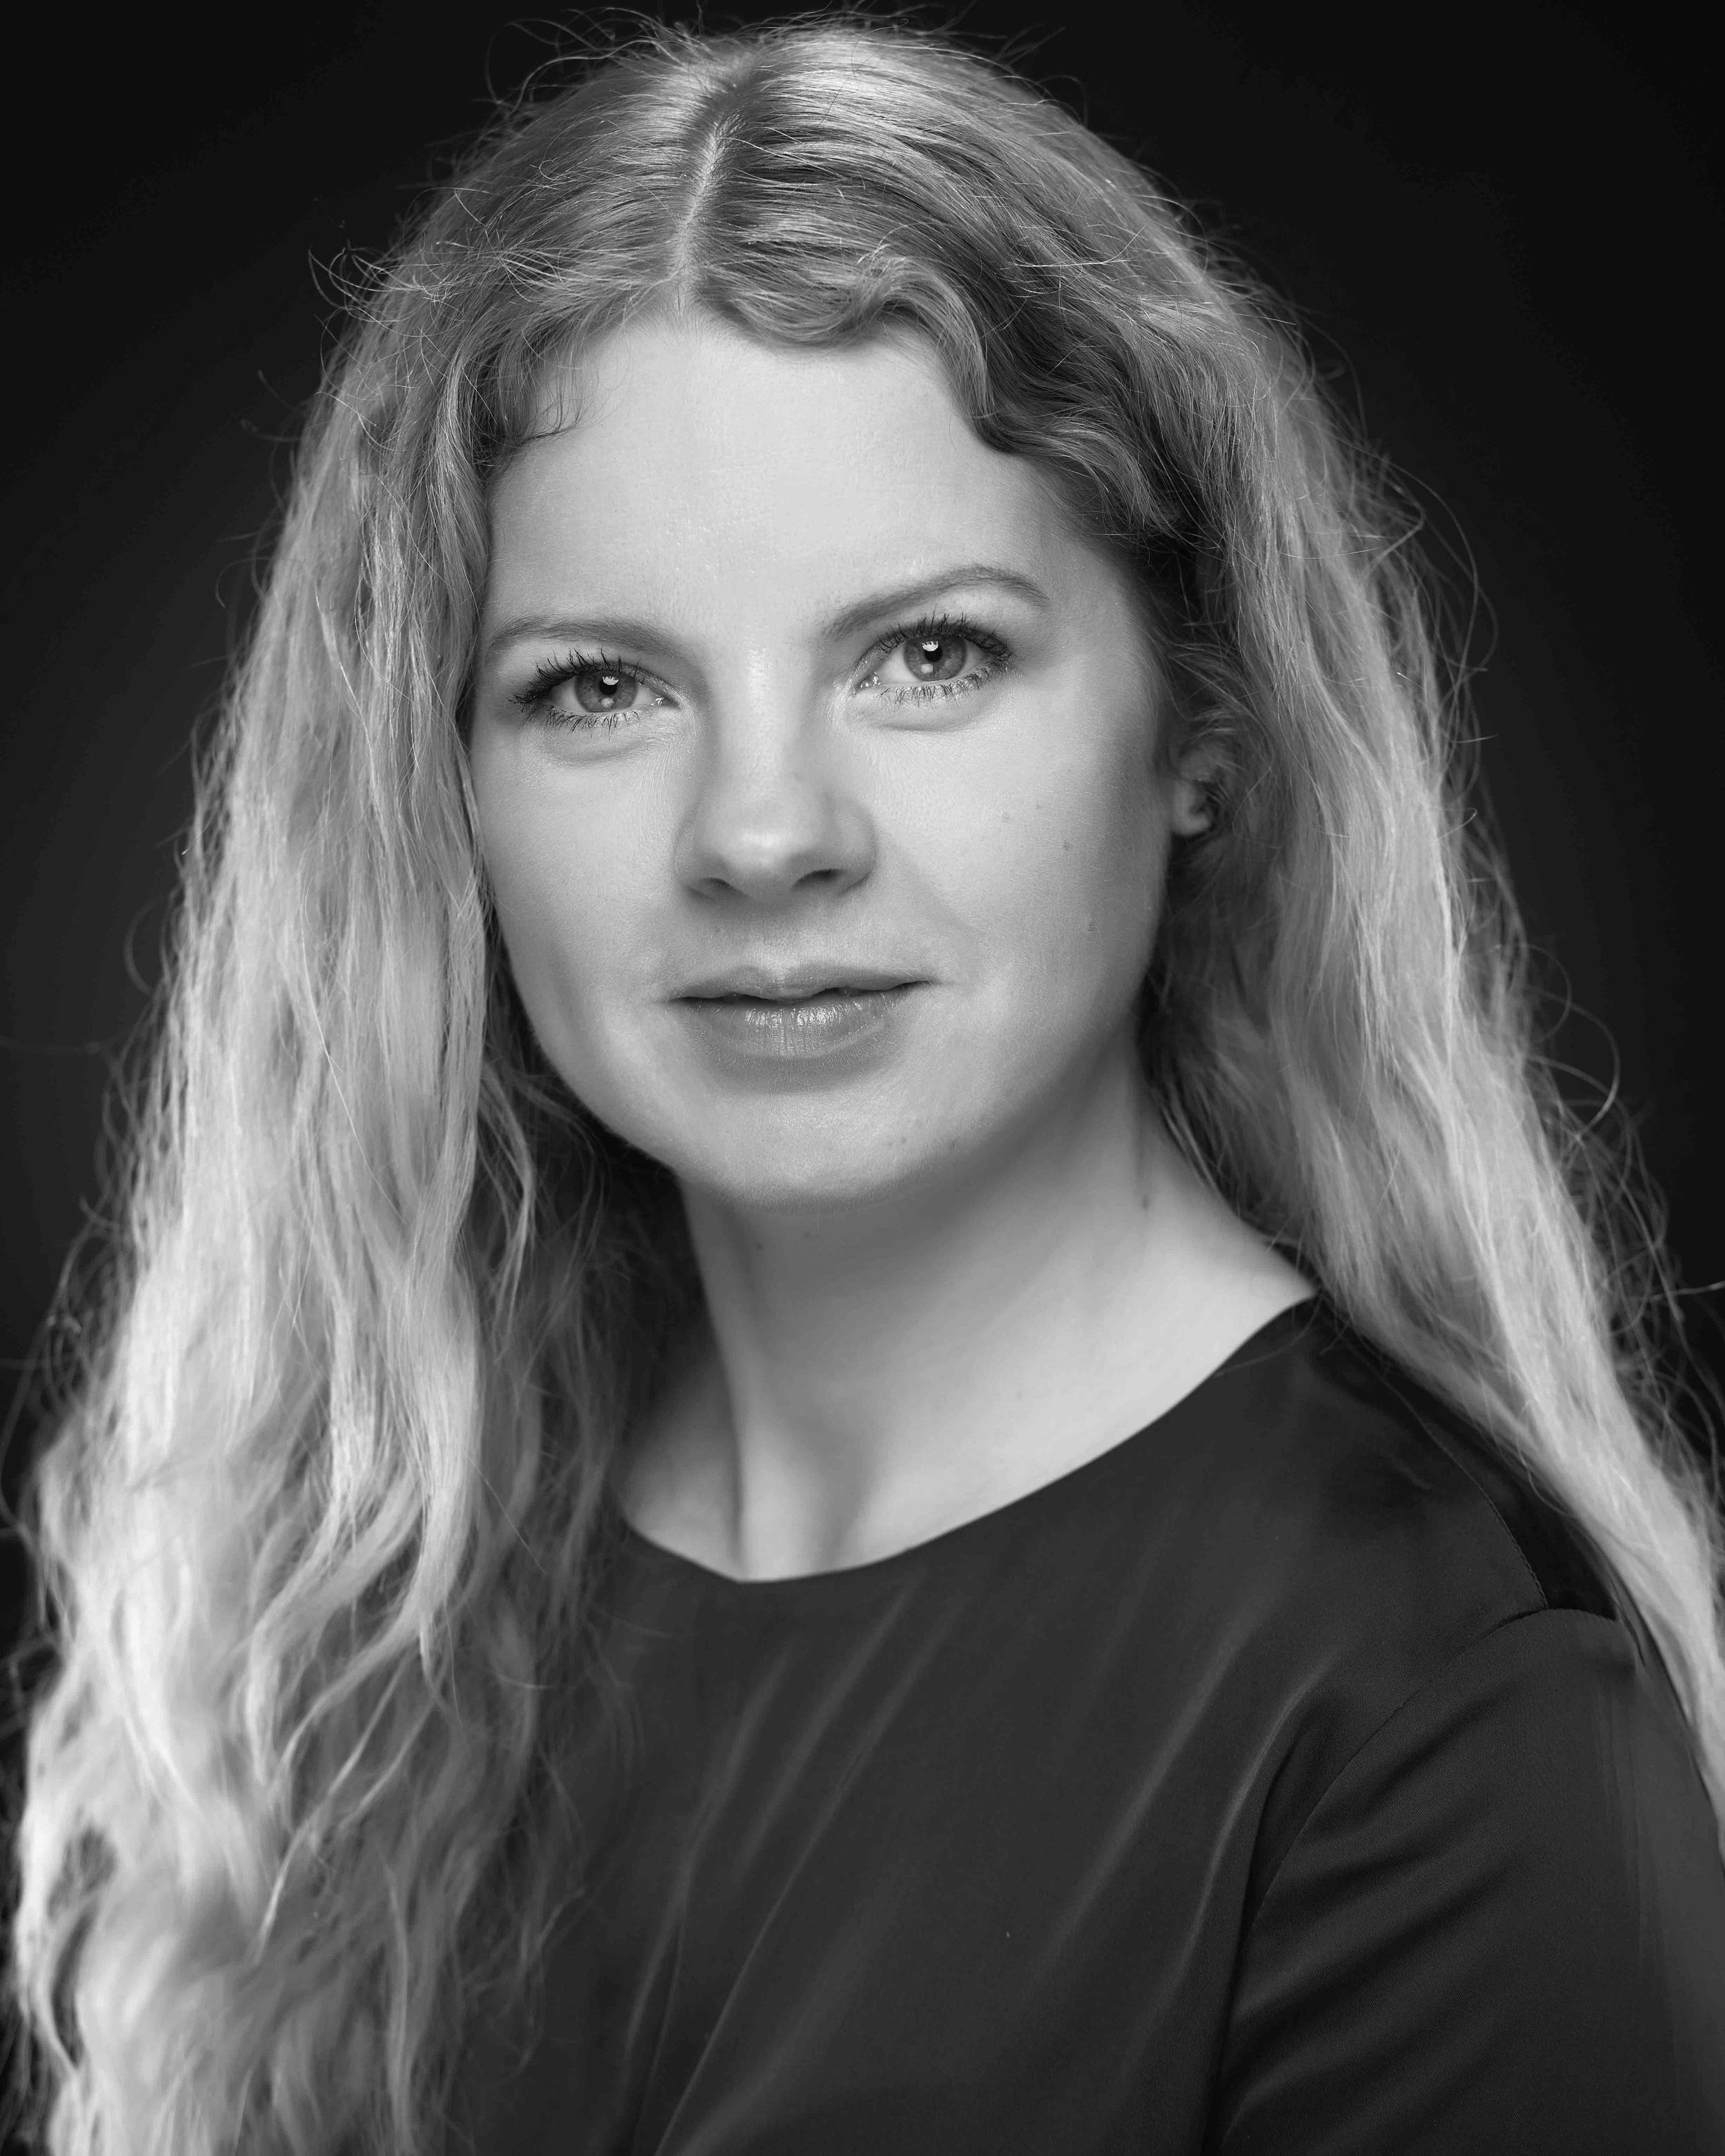 Anne H. Aavatsmark - er utdannet fløytist og jobbet flere år i Oslo Filharmonien. Siden 2012 har hun jobbet administrativt i ulike ensembler i tillegg til å ta en Executive master of management på BI, hvor hun blant annet skrev om innovasjon og næringsdrift innen klassiske- og samtidsensembler. Aavatsmark var initiativtaker og medutvikler av Mozart-byen, en spillbasert digital læringsplattform om klassiske instrumenter for Salaby.no/Gyldendal. I dag er hun daglig leder for Ungdomssymfonikerne, bookingagent for Oslo Strykekvartett og jobber som konsulent for Crescendos mentorprogram.